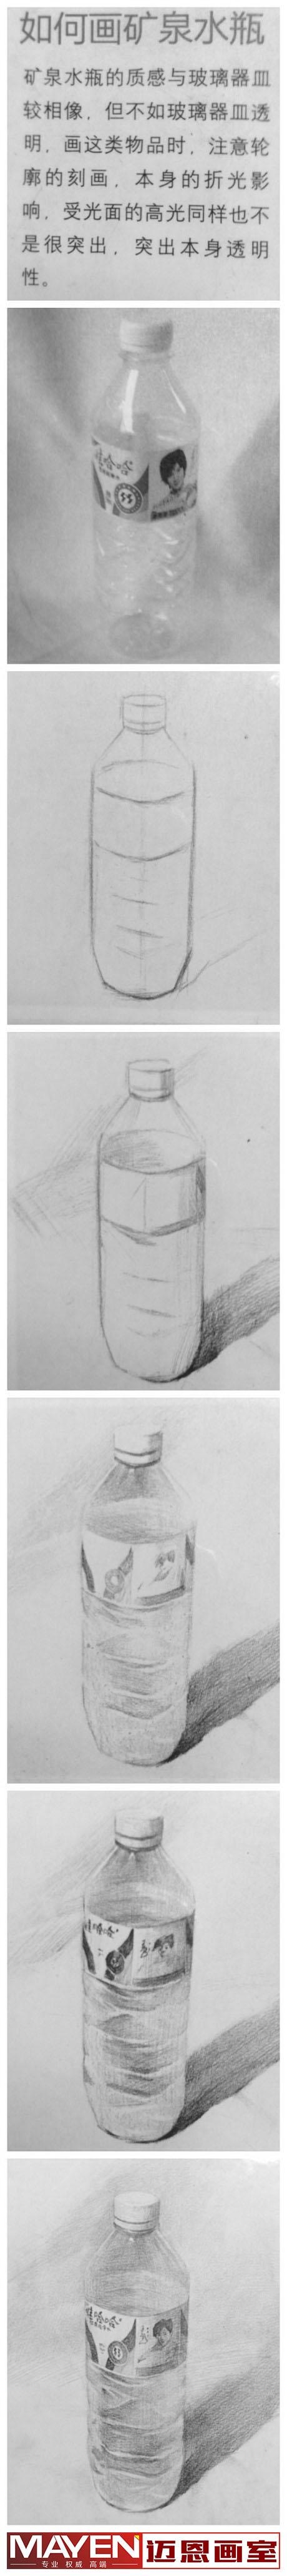 矿泉水瓶的画法